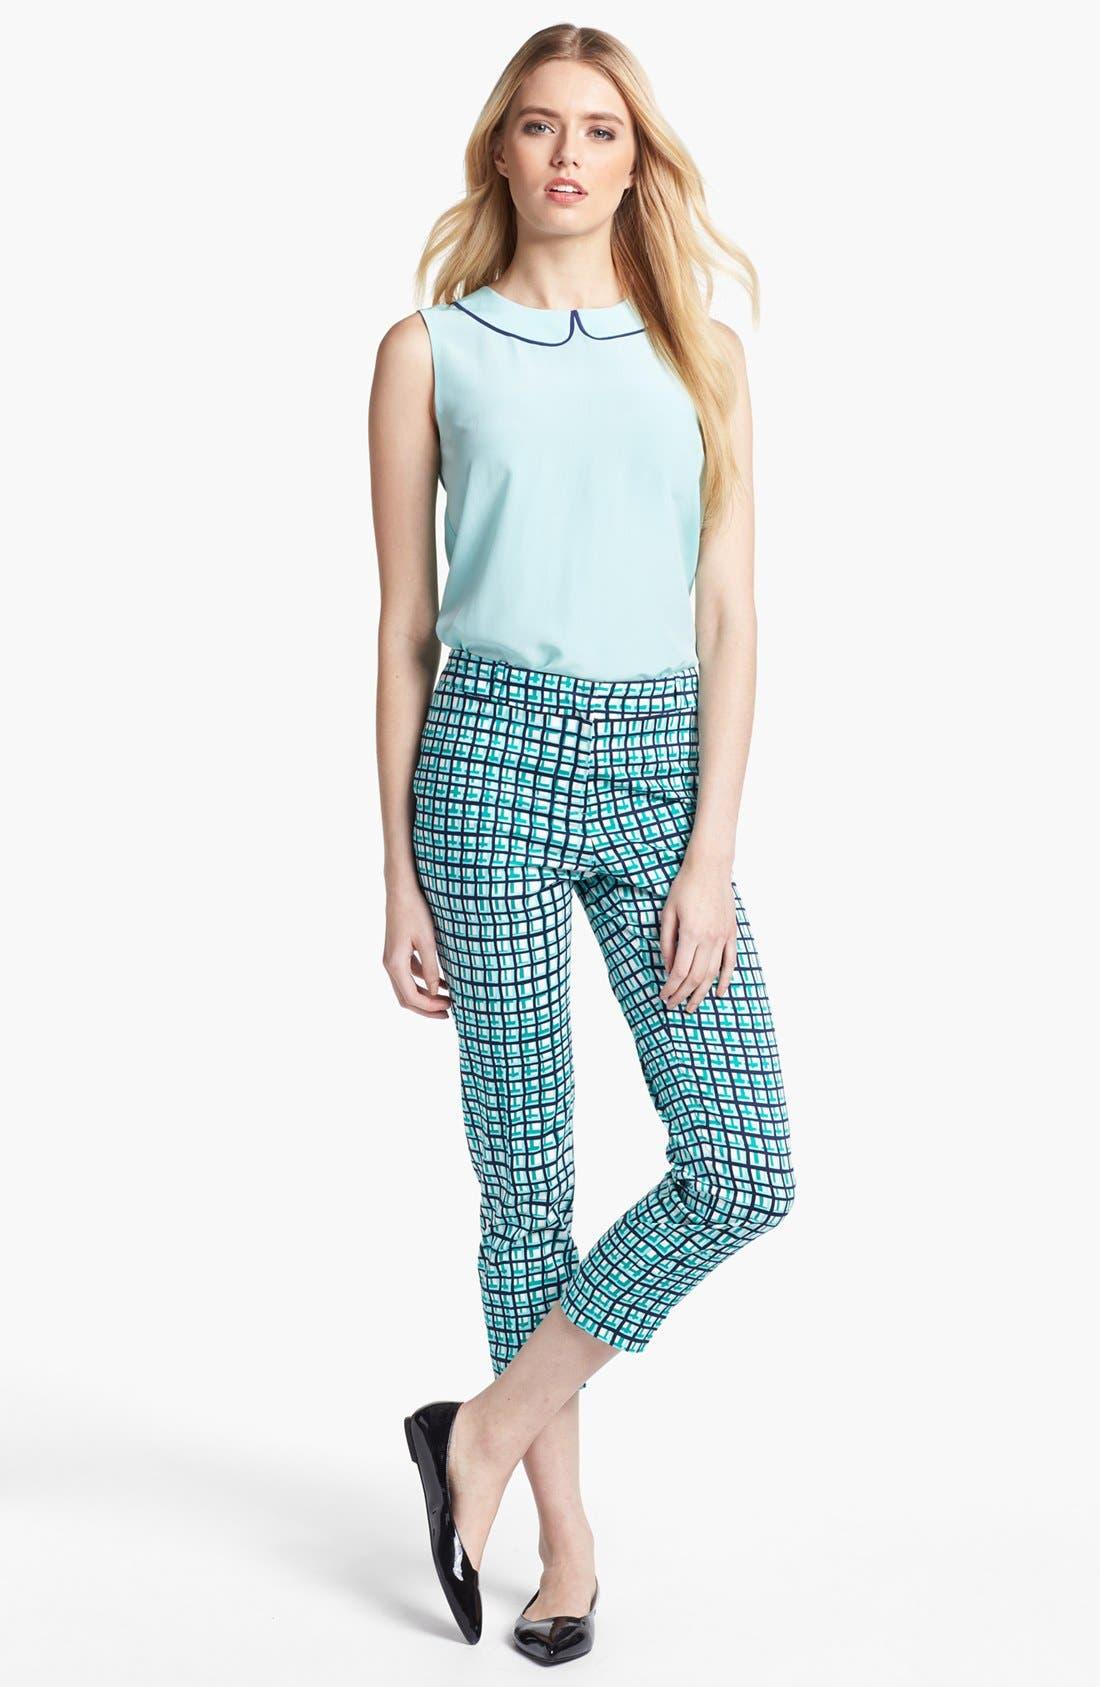 Alternate Image 1 Selected - kate spade new york silk top & capri pants